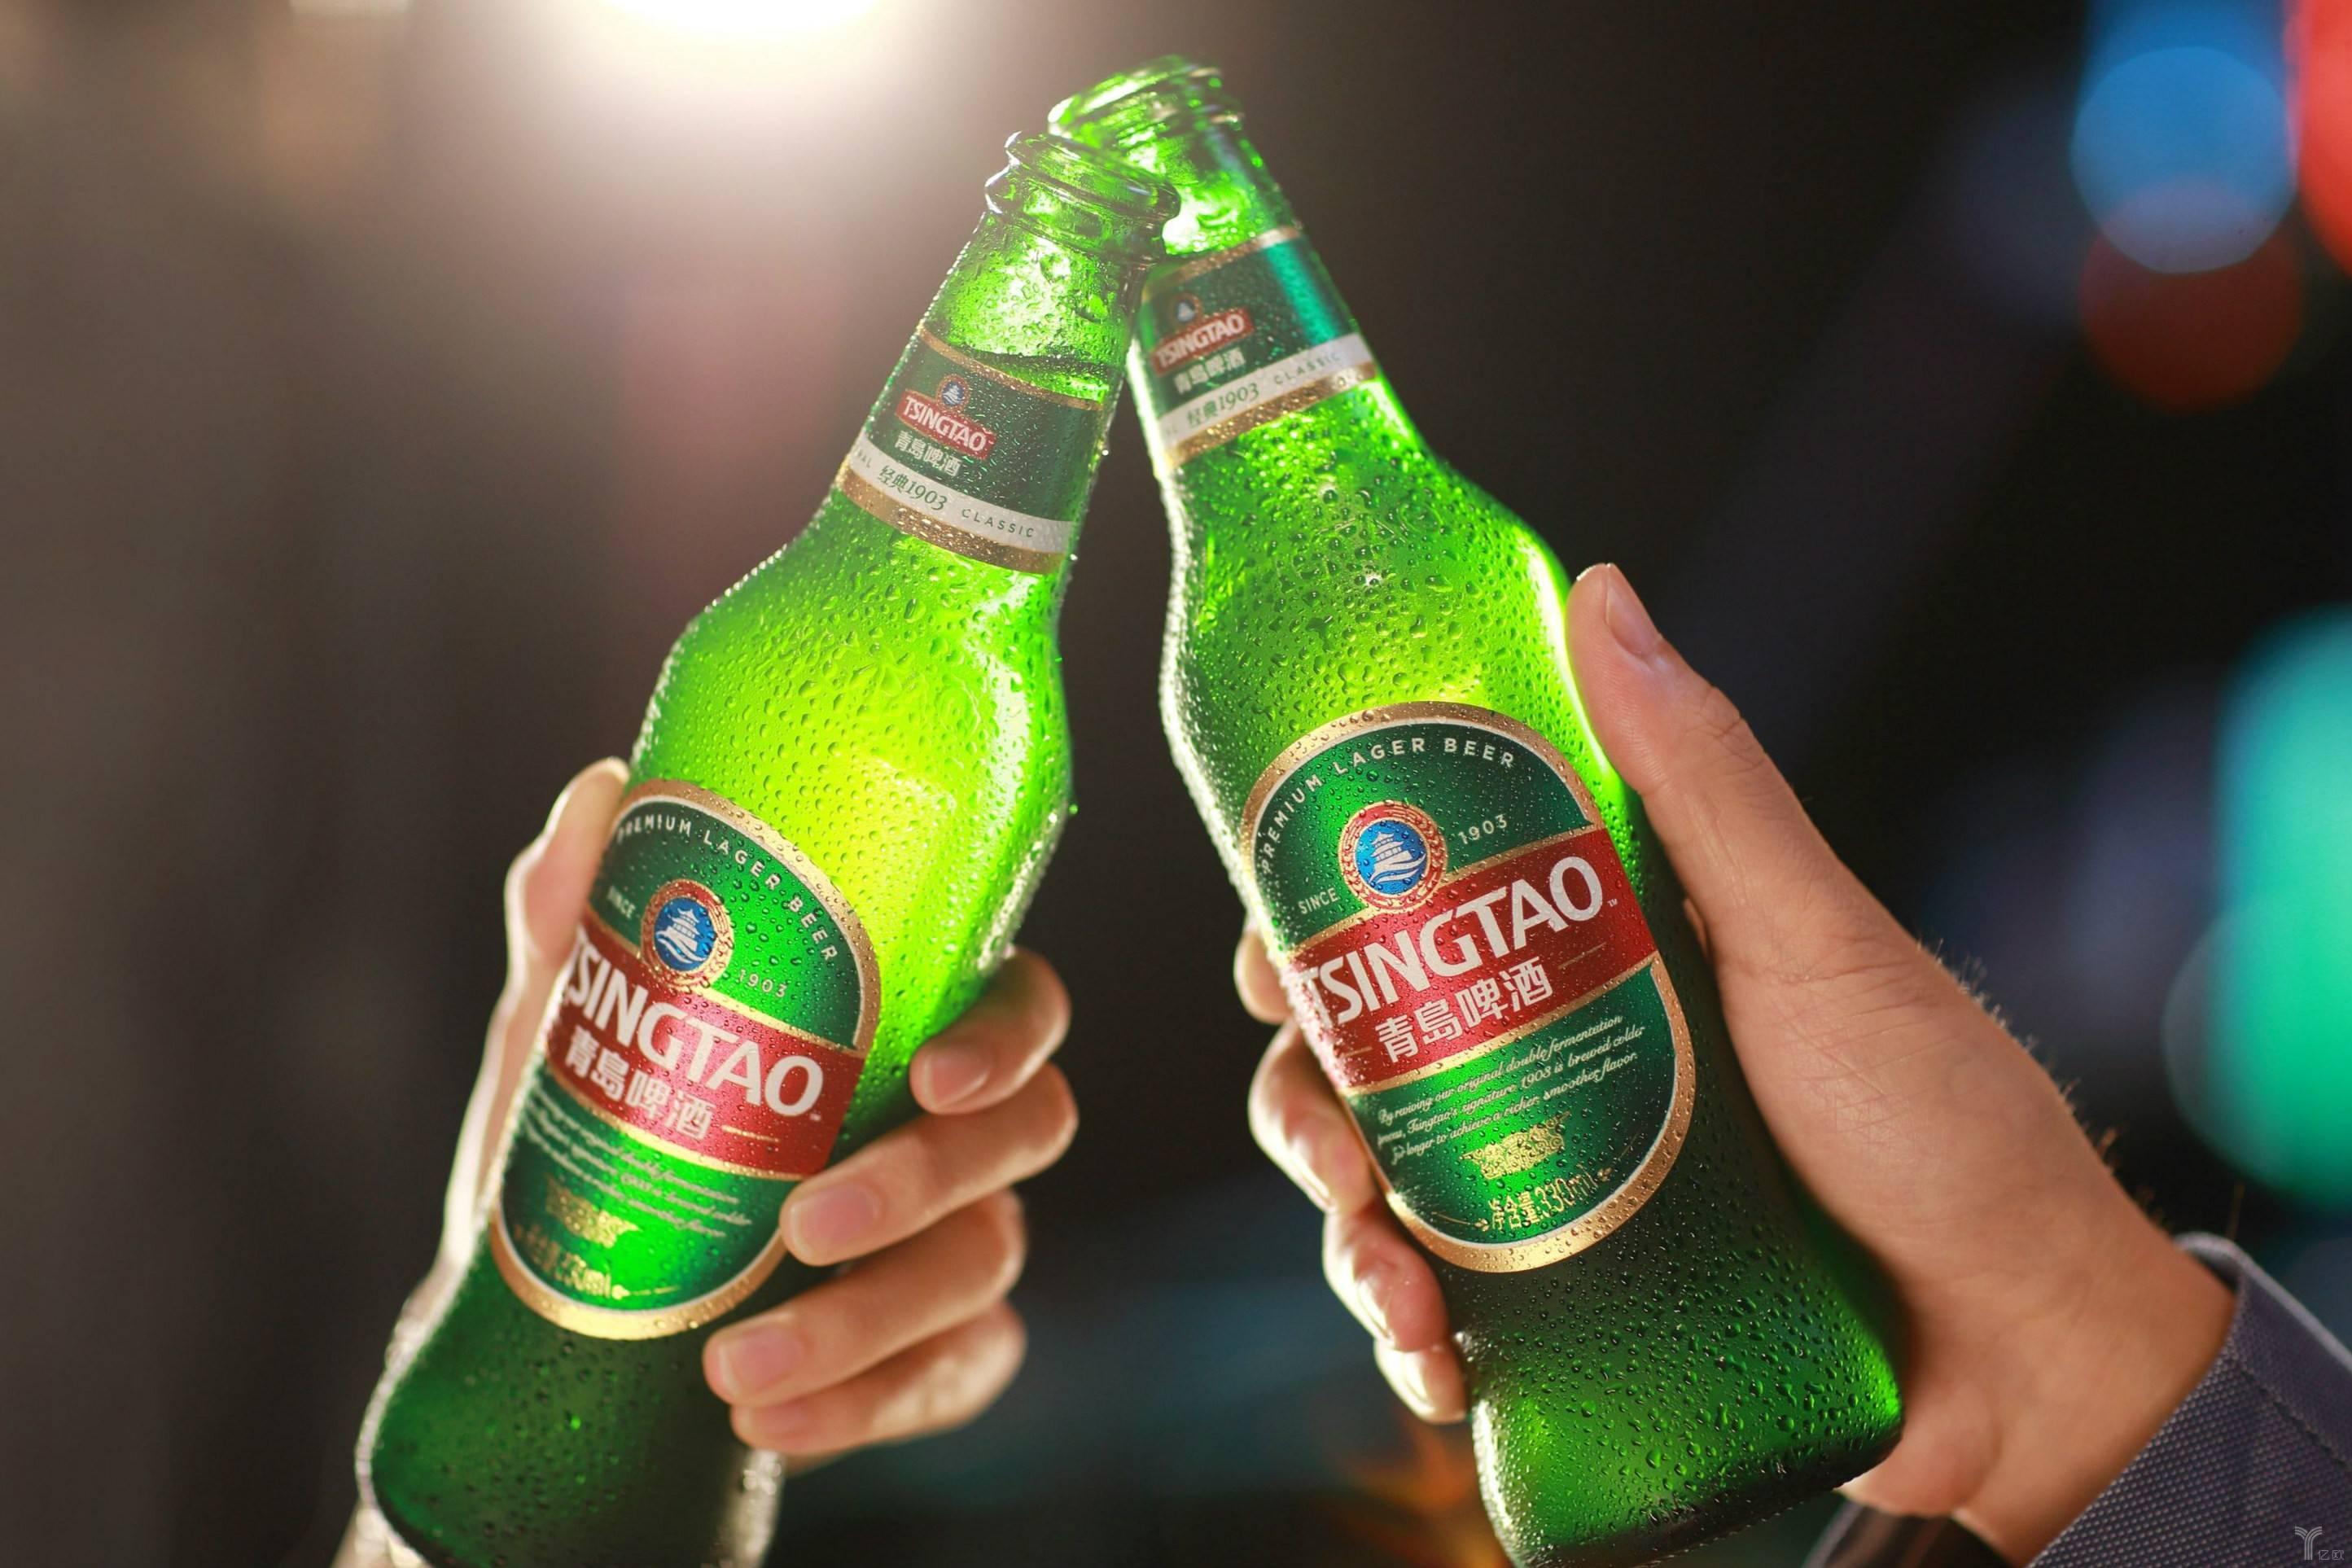 青岛啤酒,图片来自网络